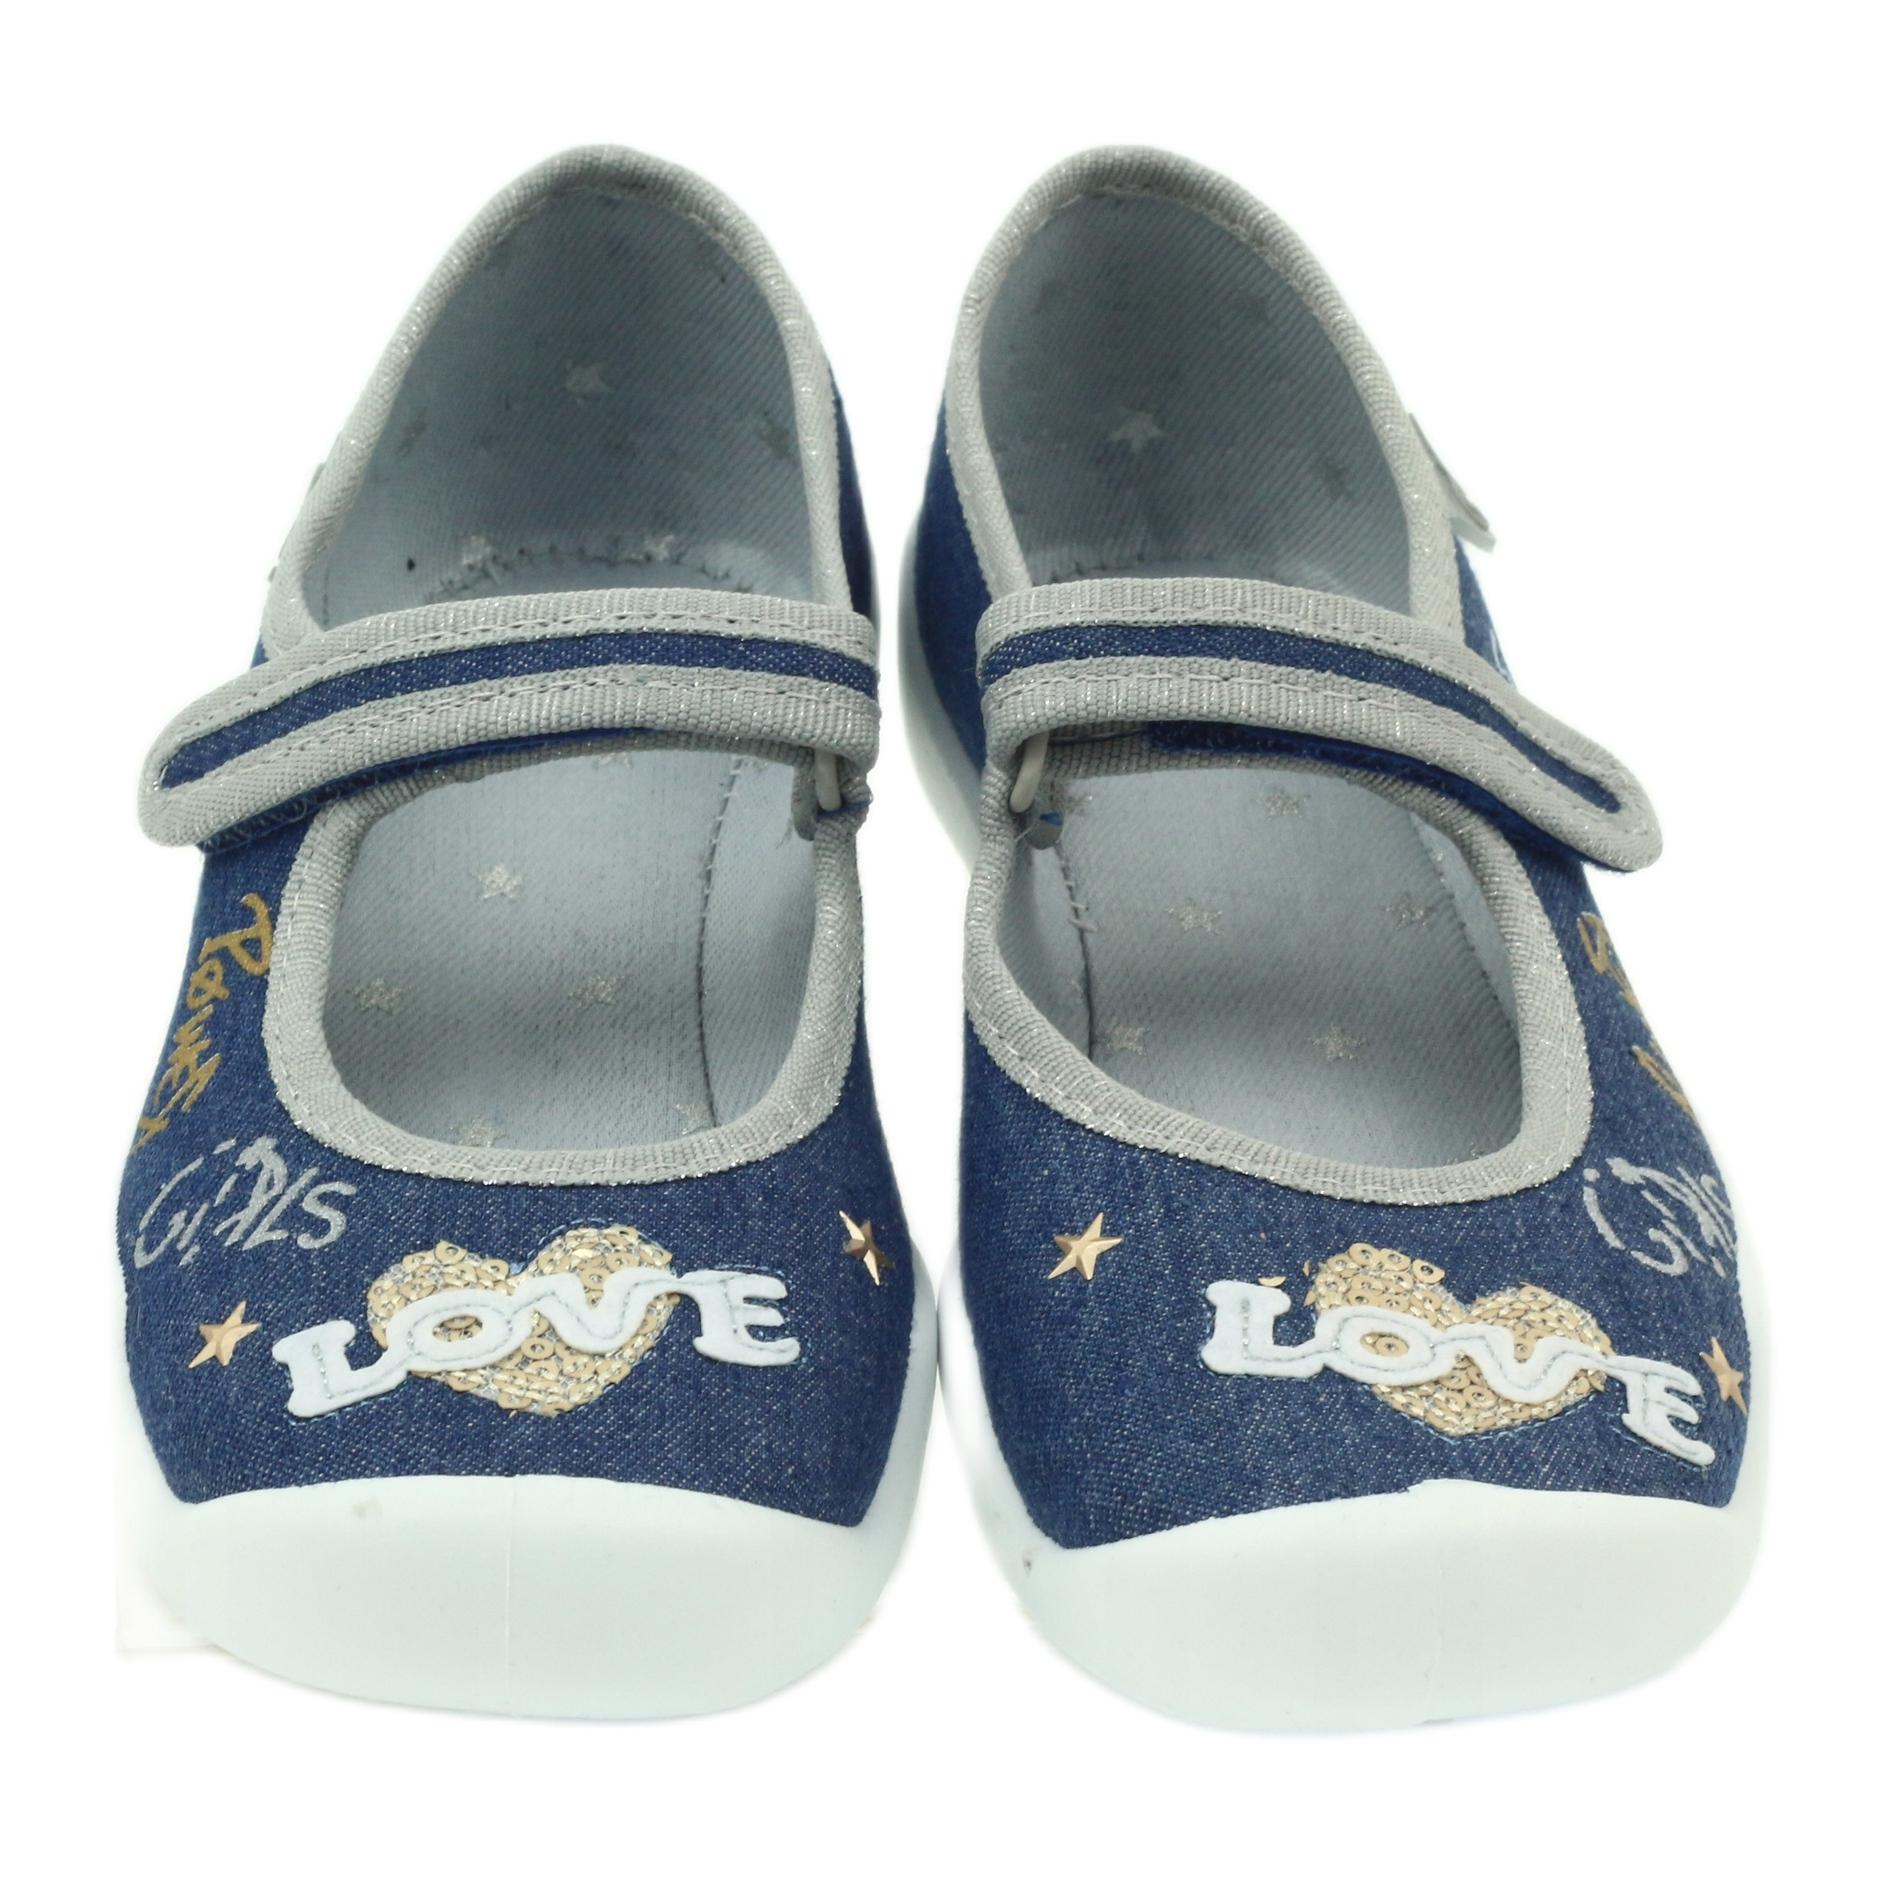 miniatura 5 - Scarpe per bambini Befado 114Y313 blu grigio